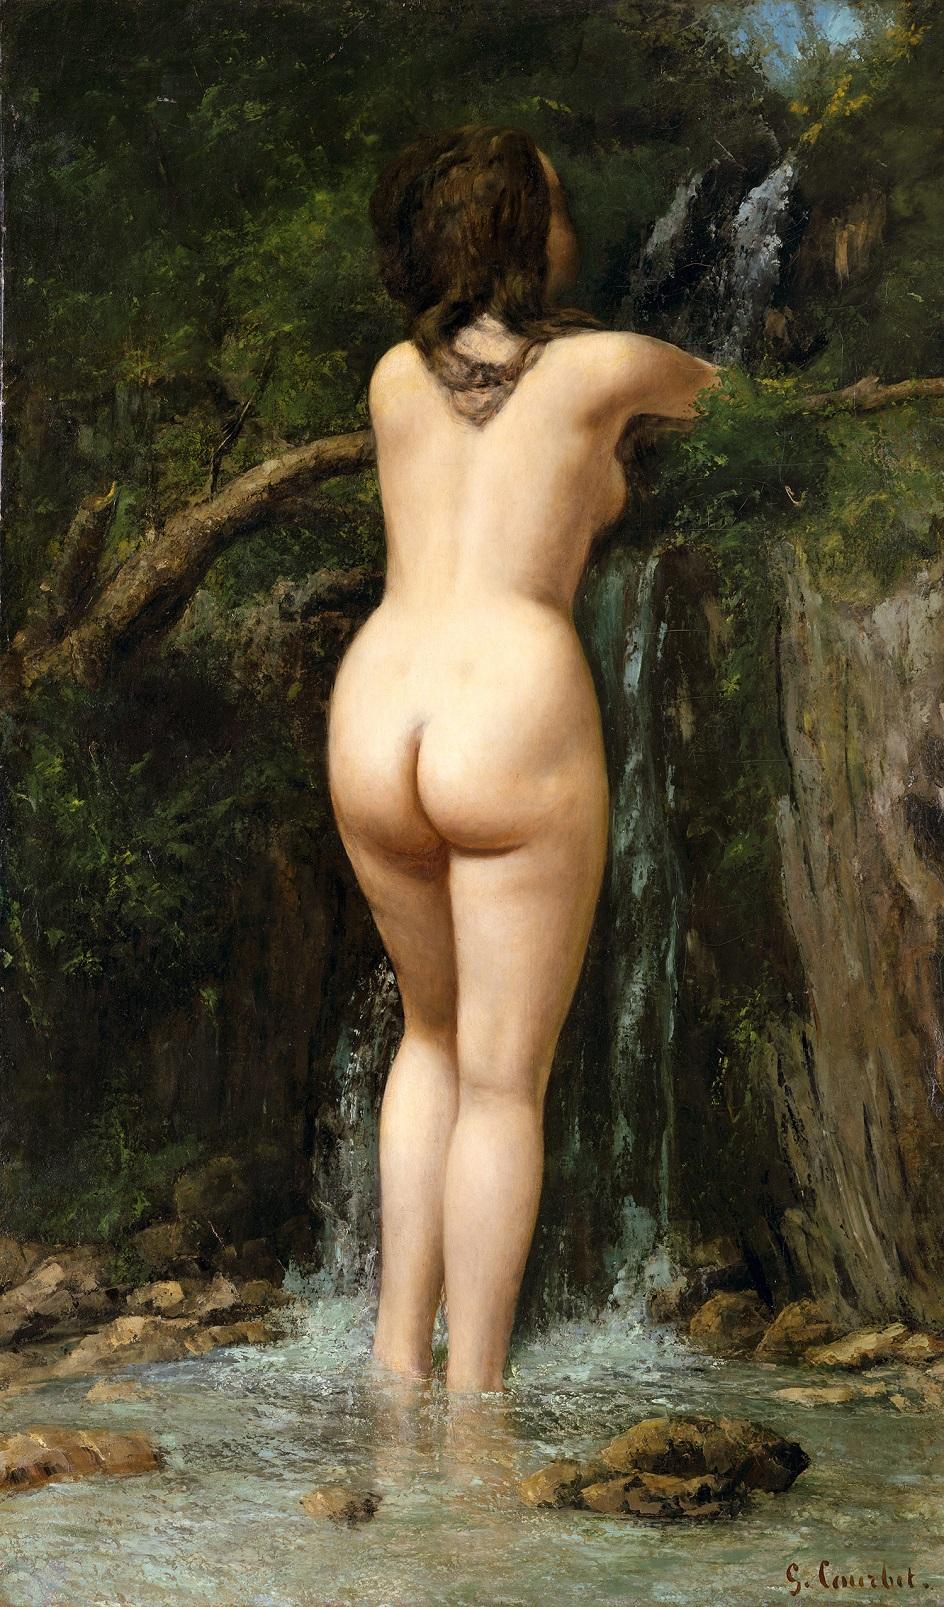 Река на картинах известных художников. Гюстав Курбе. «Купальщица»